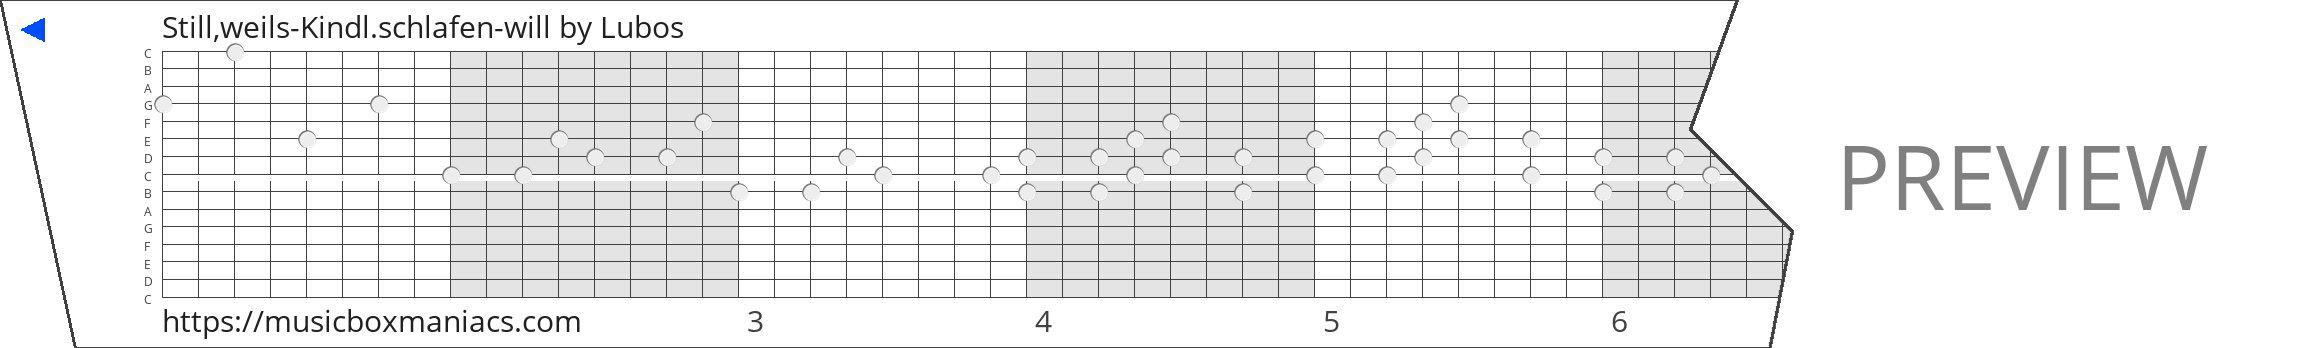 Still,weils-Kindl.schlafen-will 15 note music box paper strip